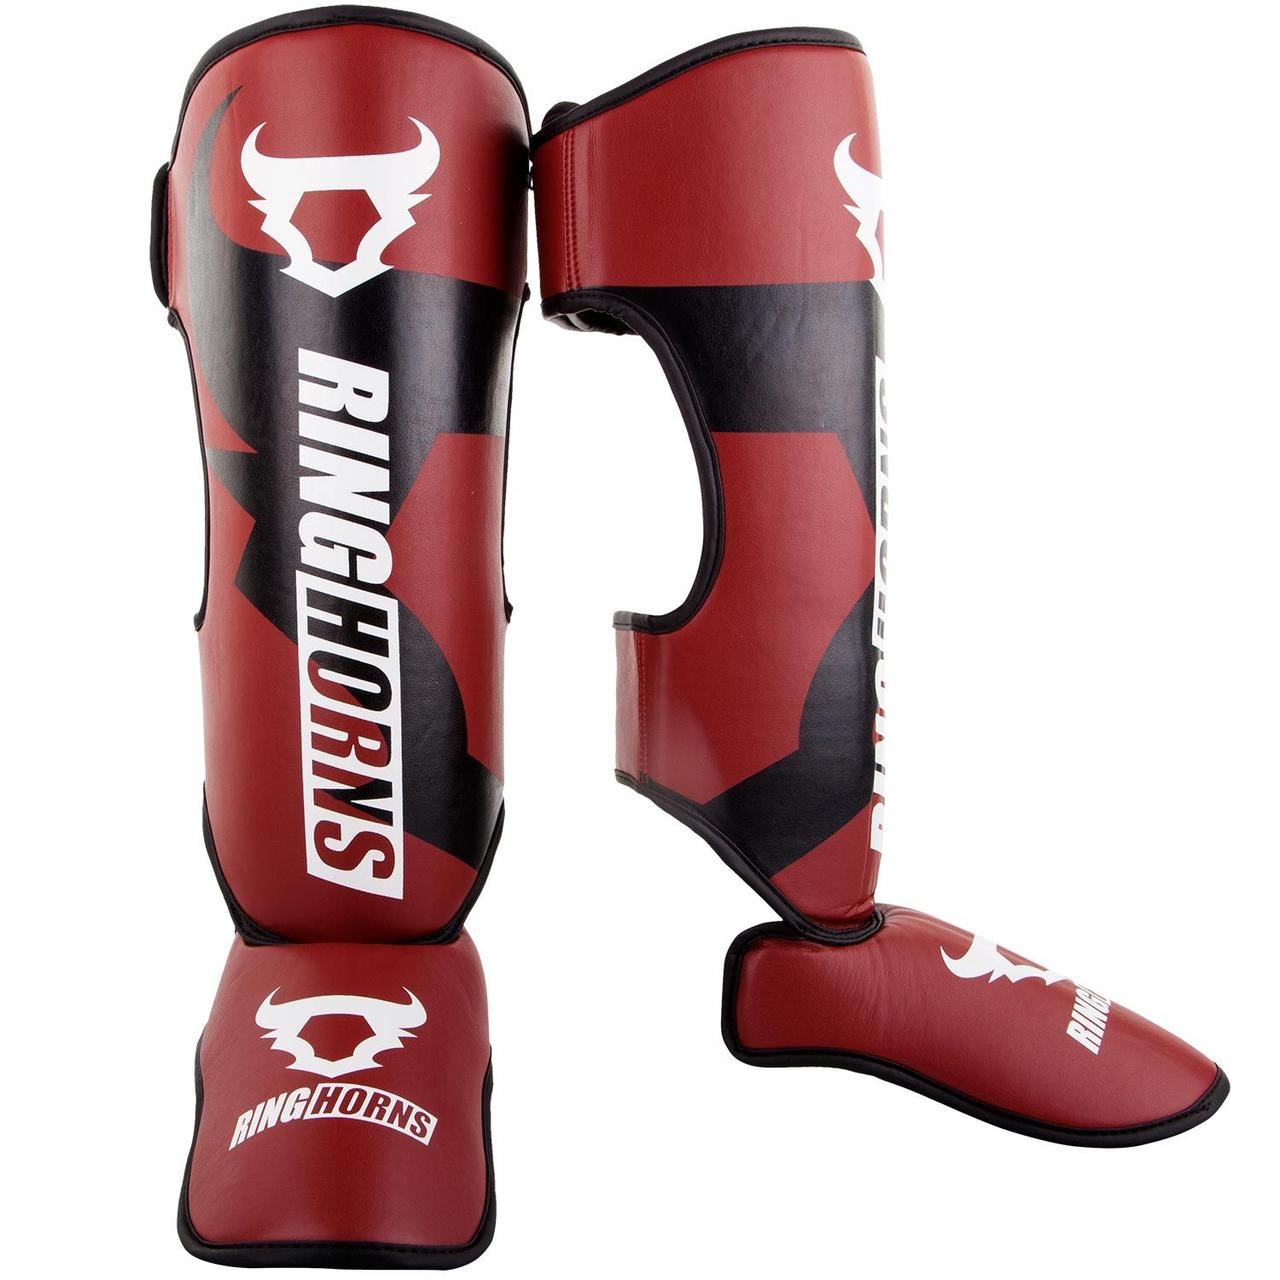 Защита ног (Щитки) Ringhorns Charger Красные с черным